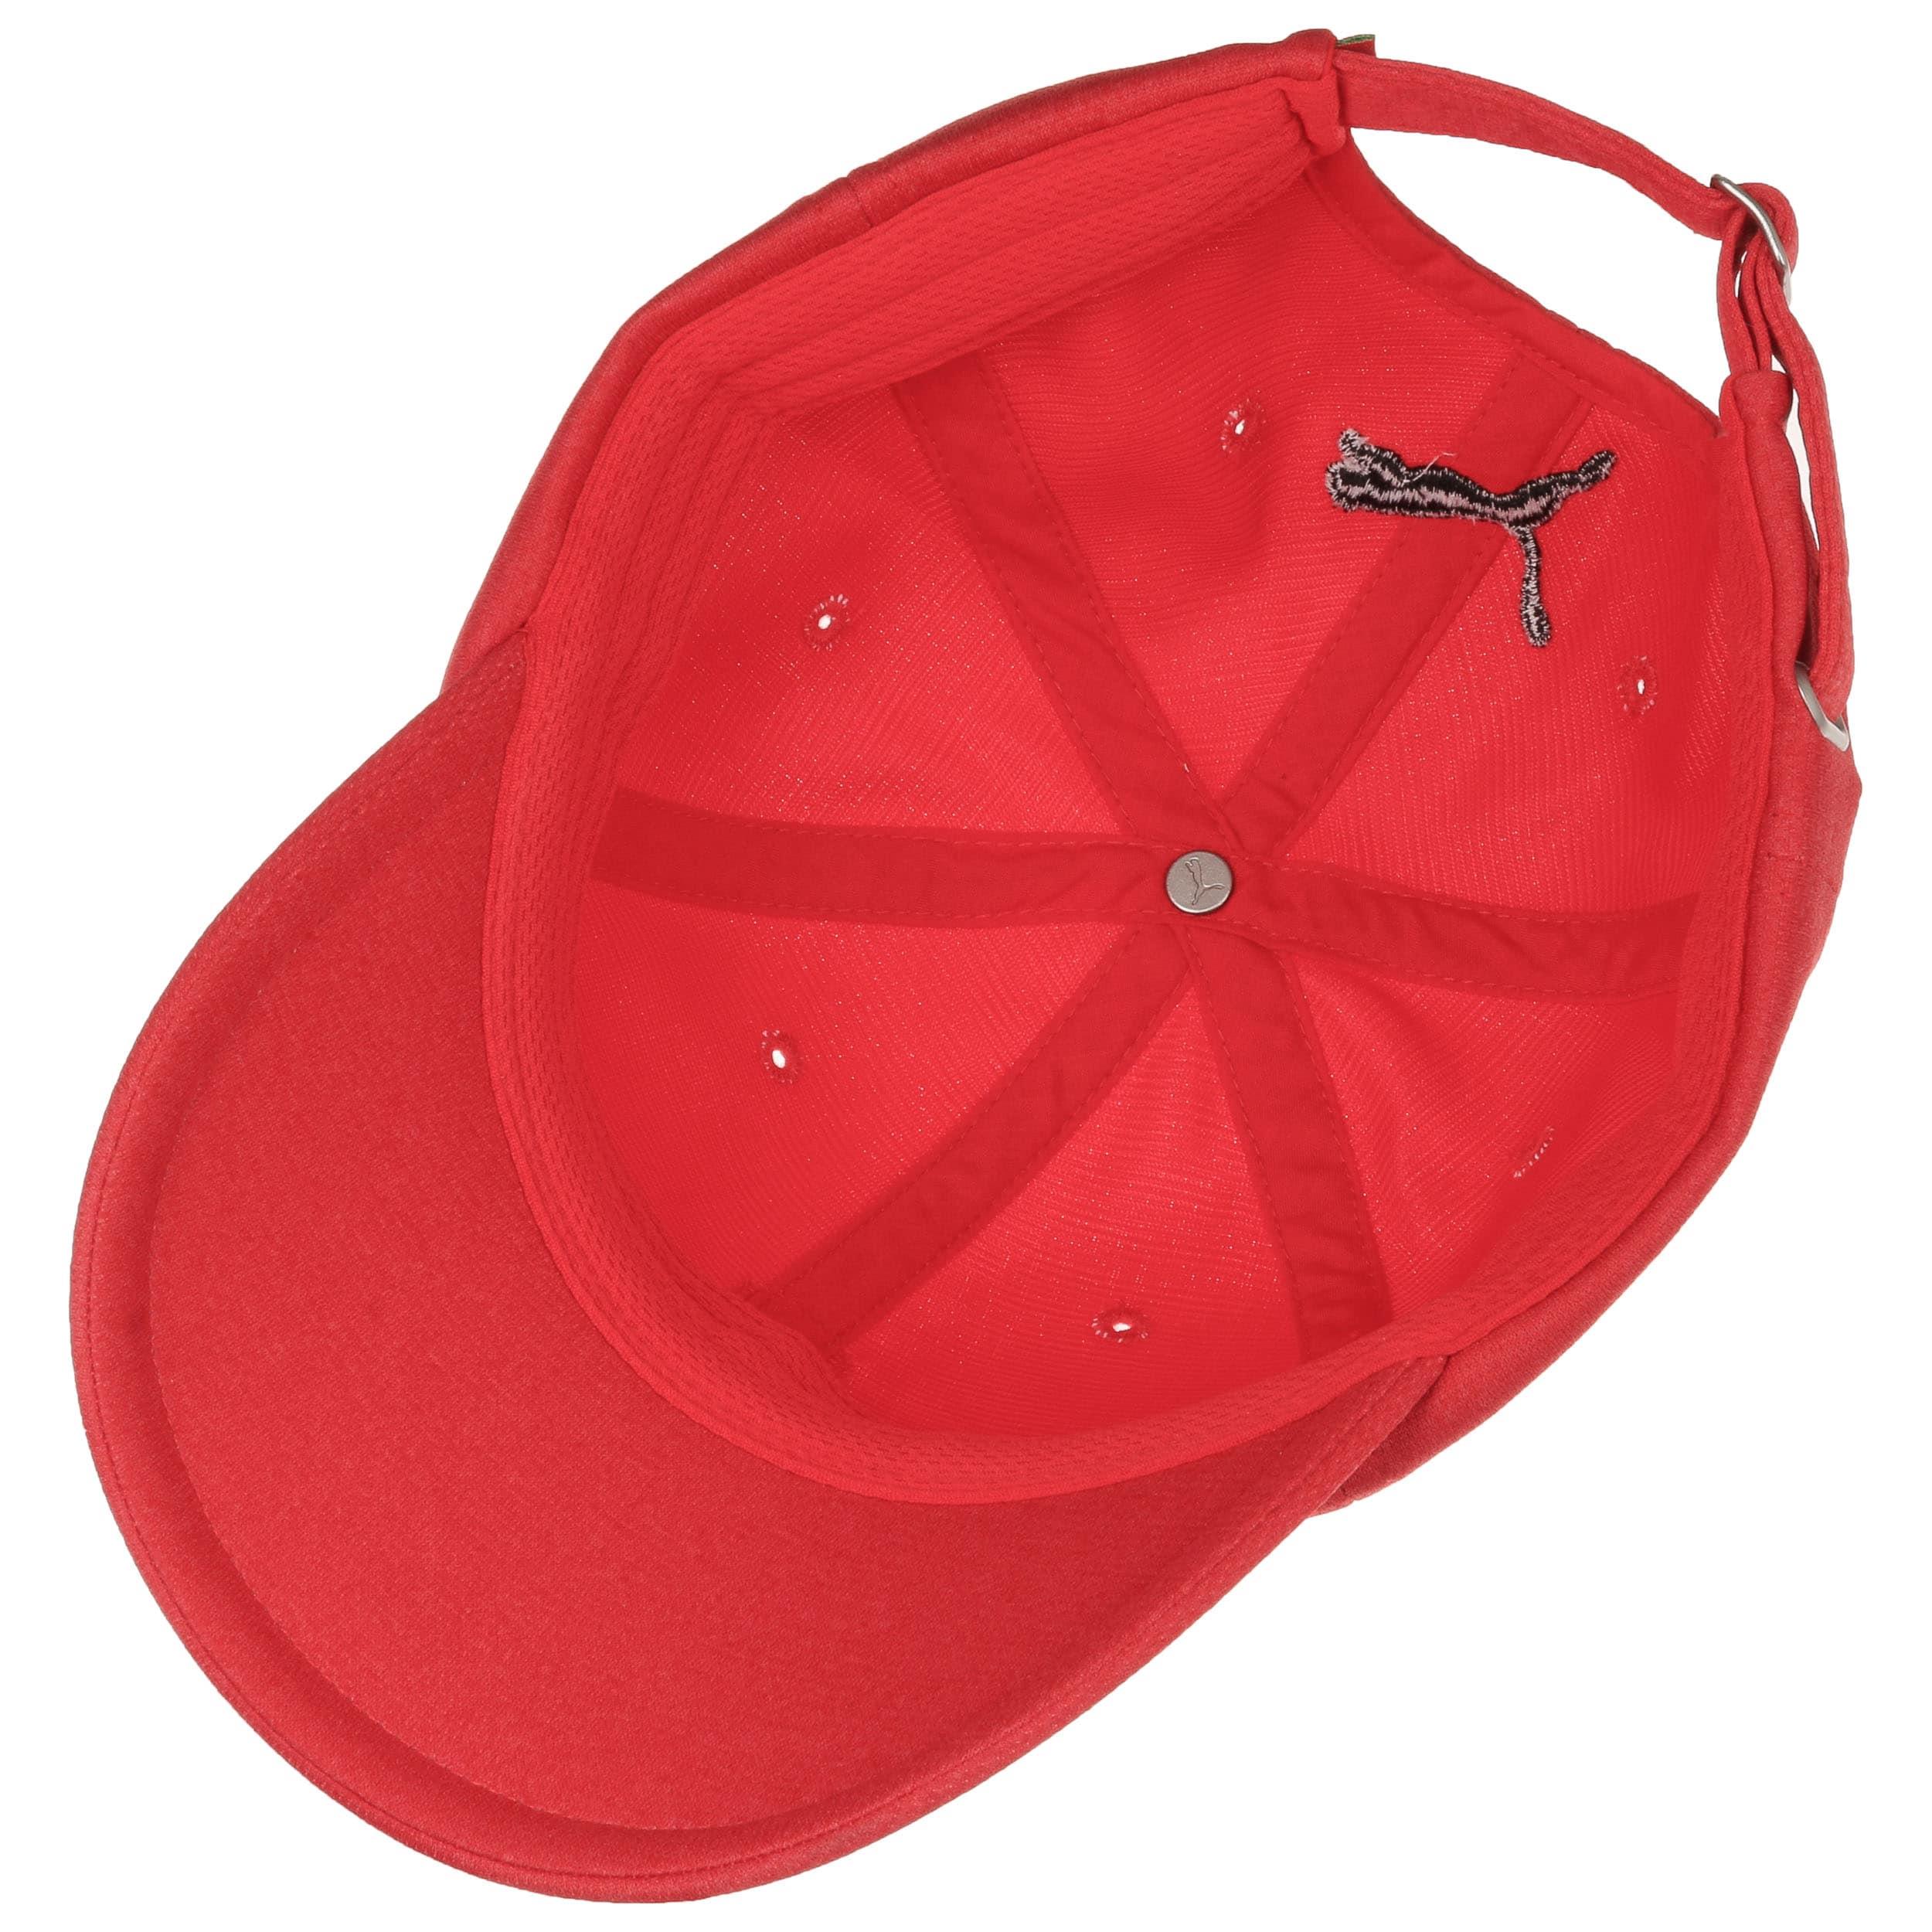 6f72bfb9758045 ... Scuderia Ferrari Fanwear Cap by PUMA - red 2 ...